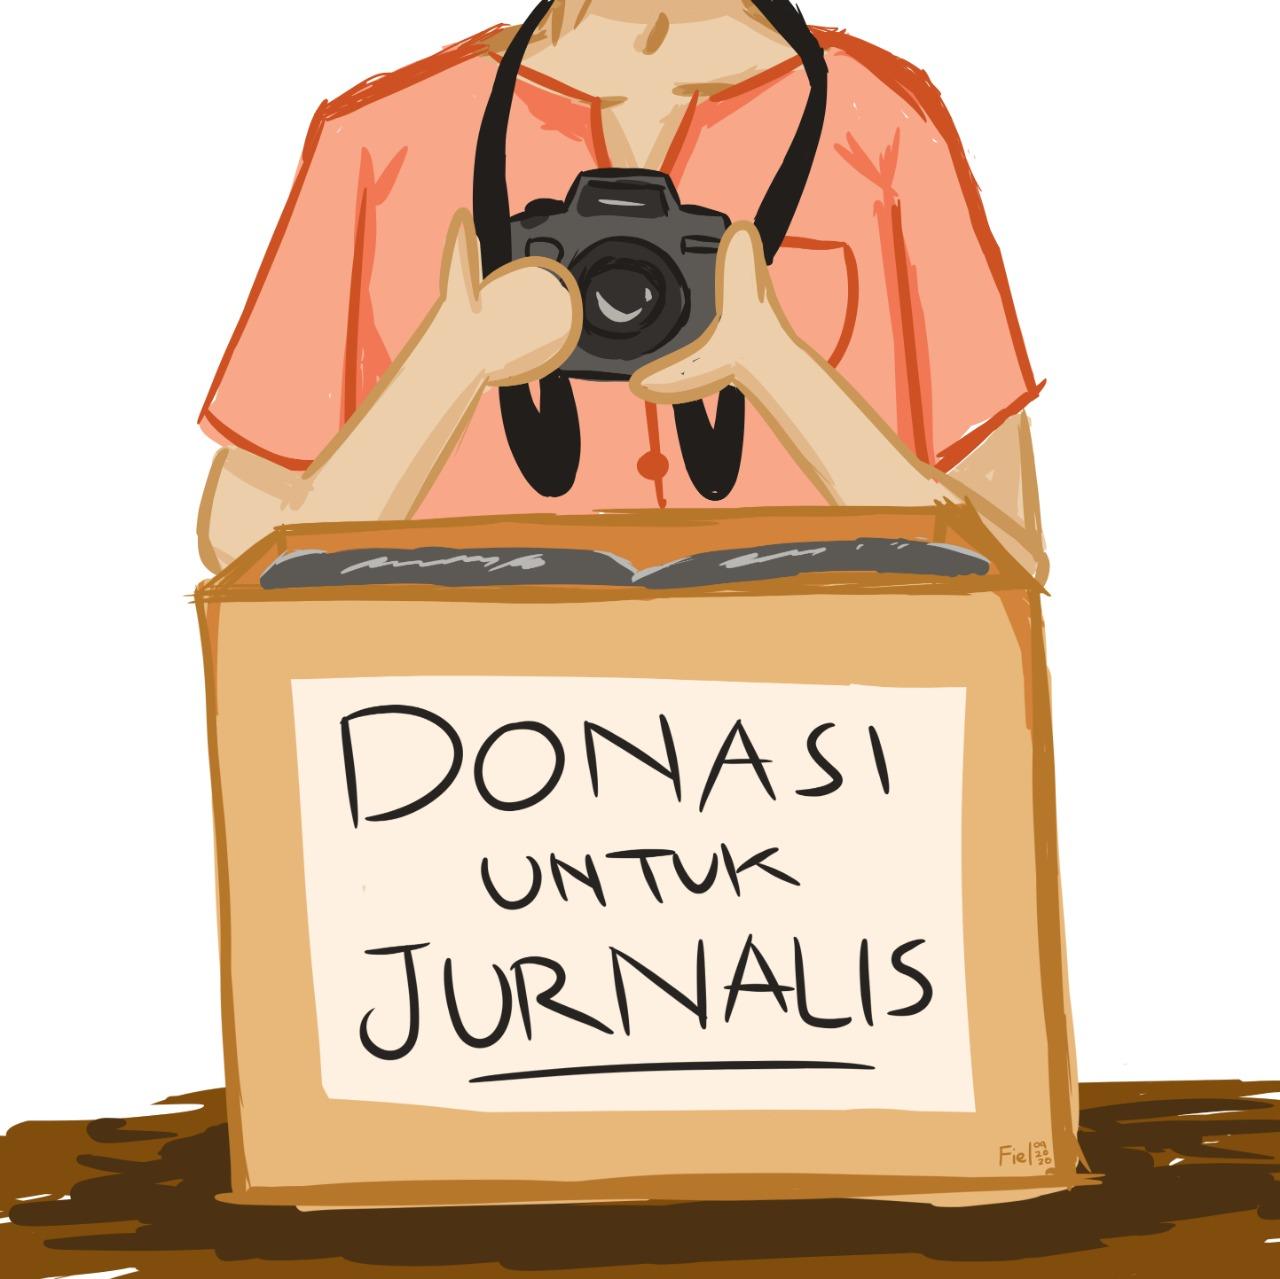 AJI Galang Donasi Bantu Jurnalis Terdampak COVID-19